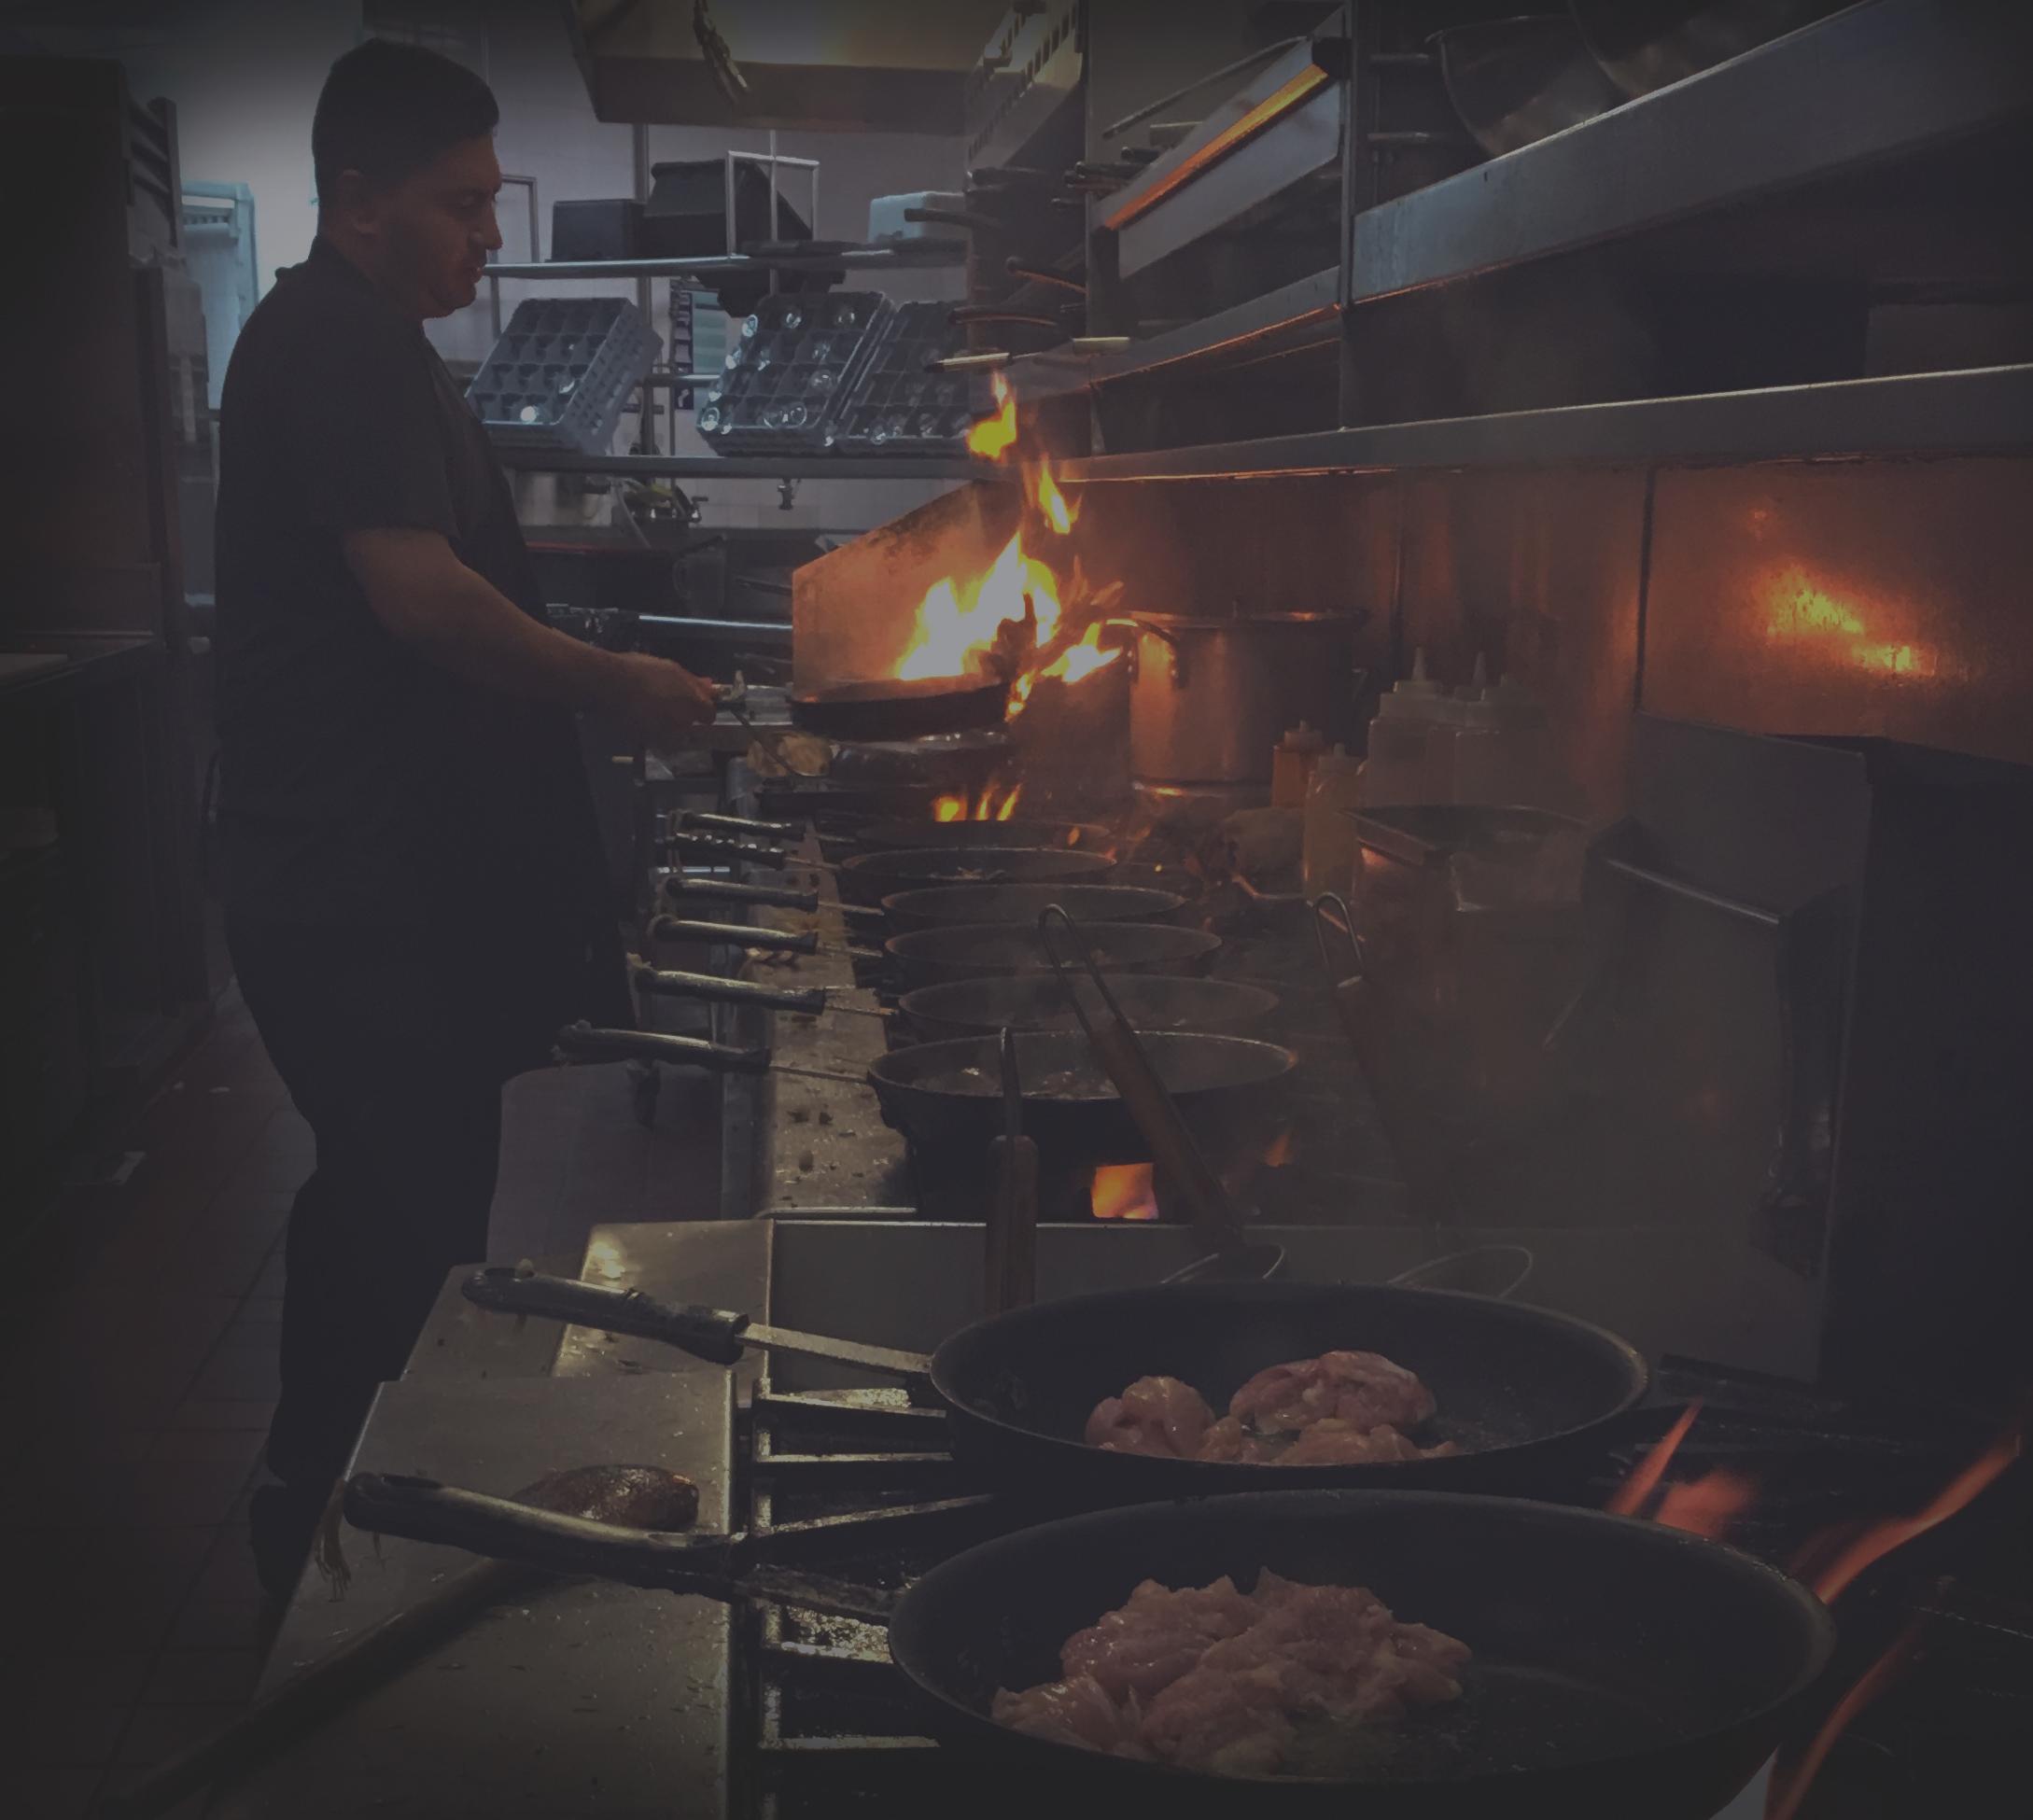 El Pollo Inka chef frying food on range